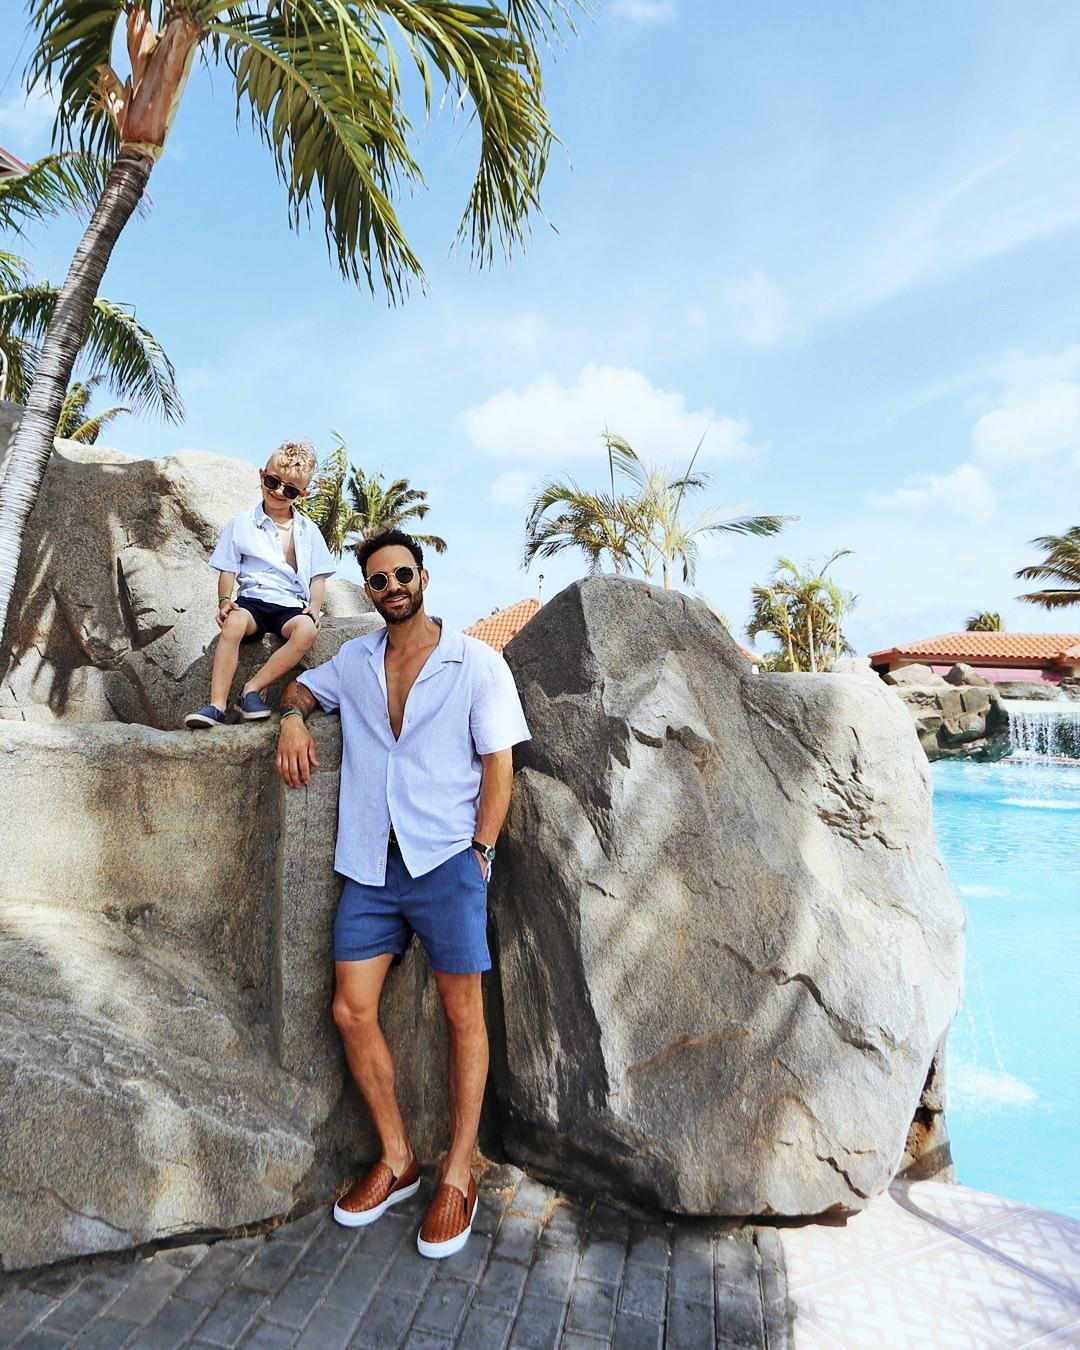 La Cabana Aruba